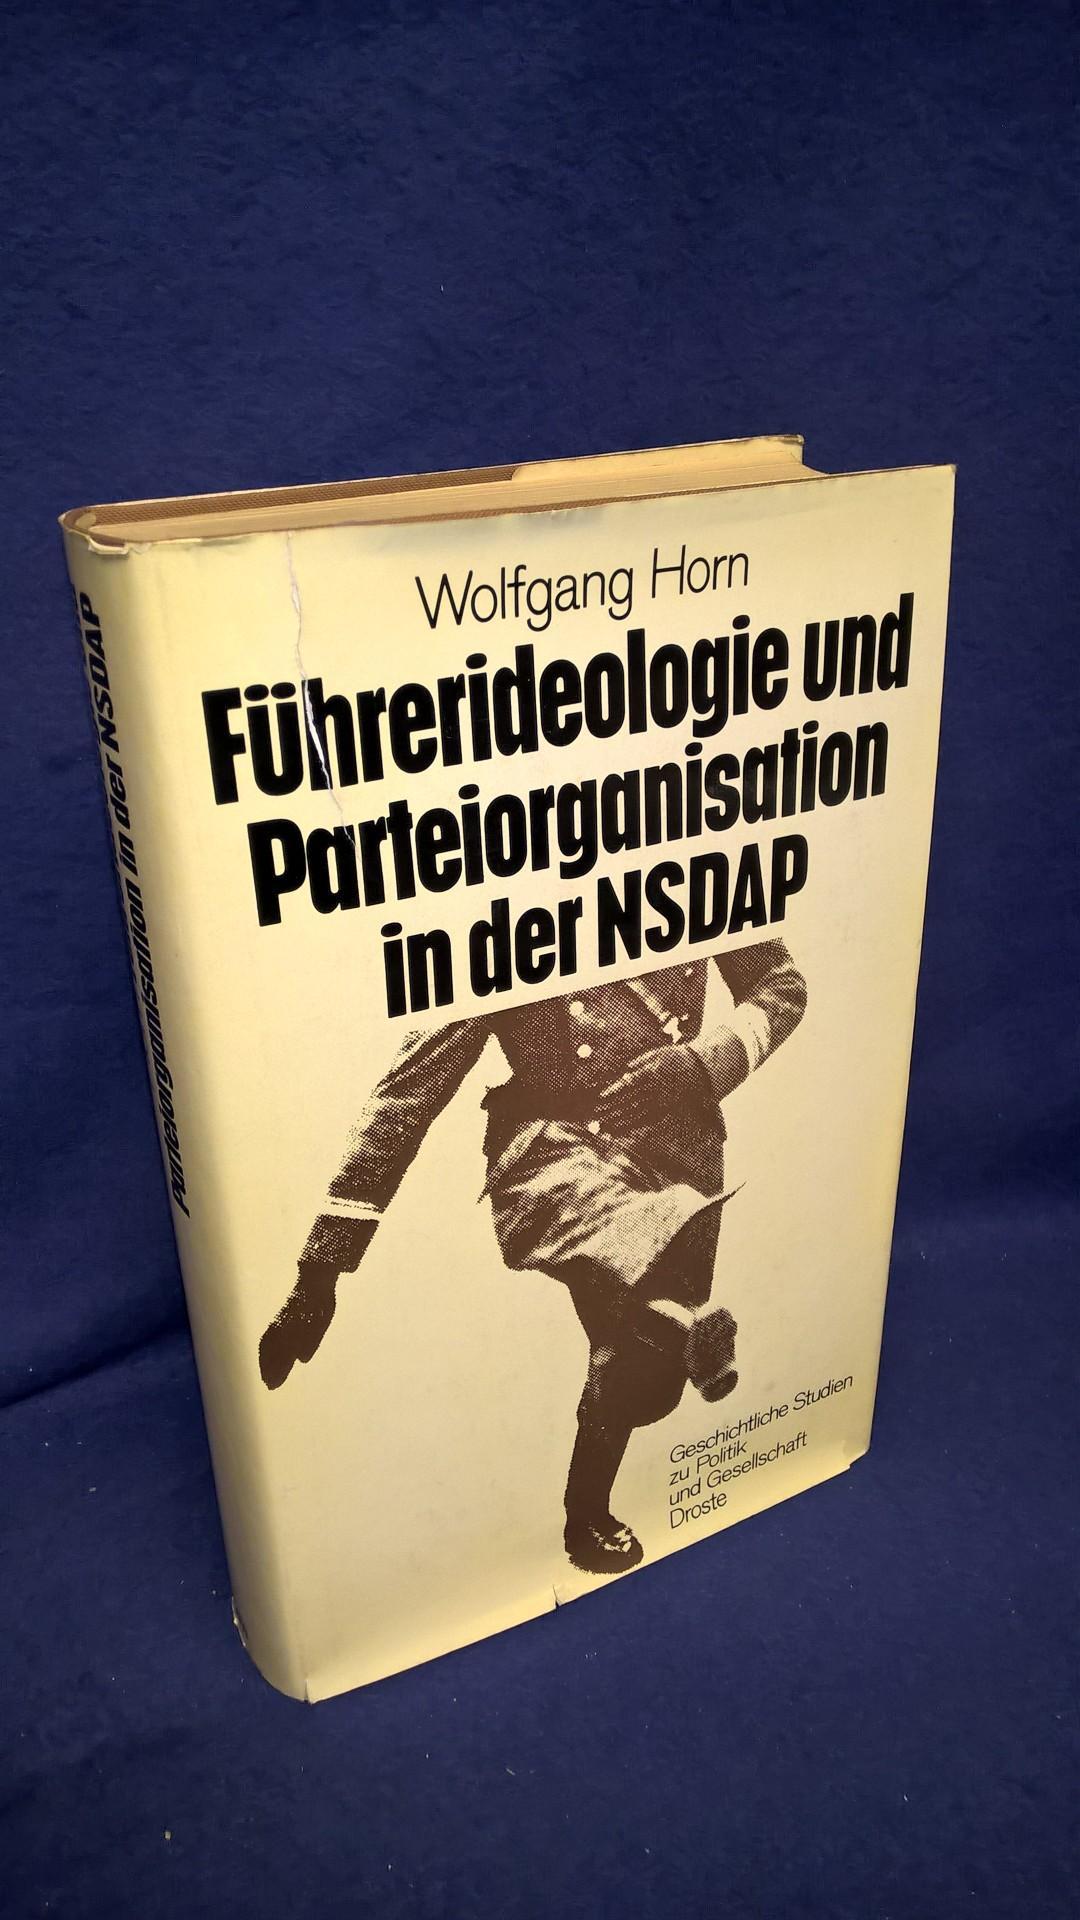 Führerideologie und Parteiorganisation in der NSDAP (1919-1933) - Geschichtliche Studien zu Politik und Gesellschaft